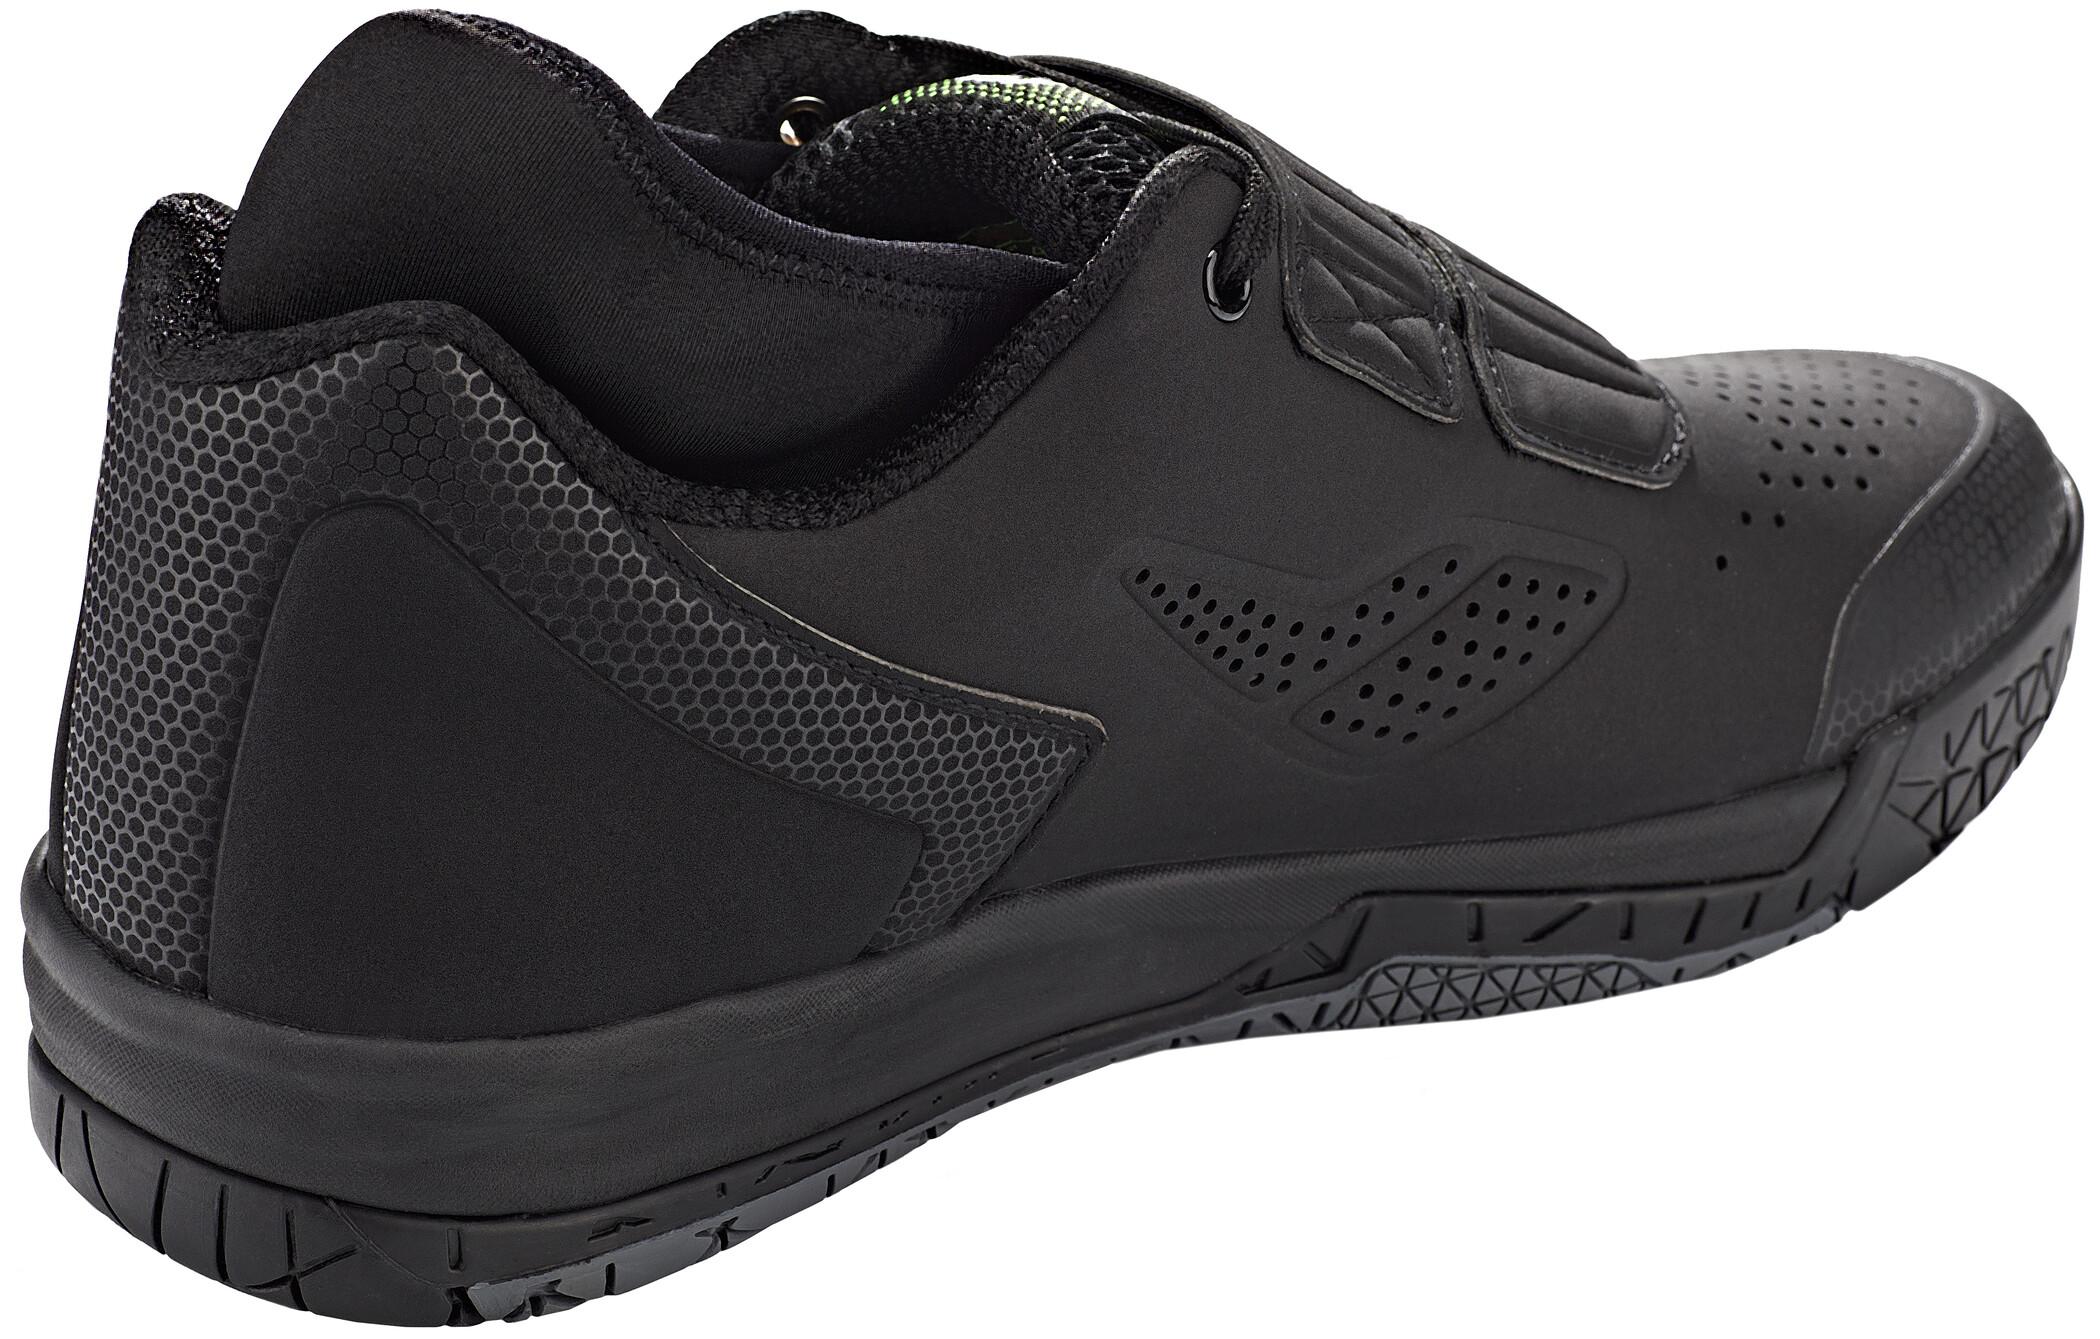 SIDI Dimaro MTB Mountain Bike Shoes Black//Black Size 45 EU